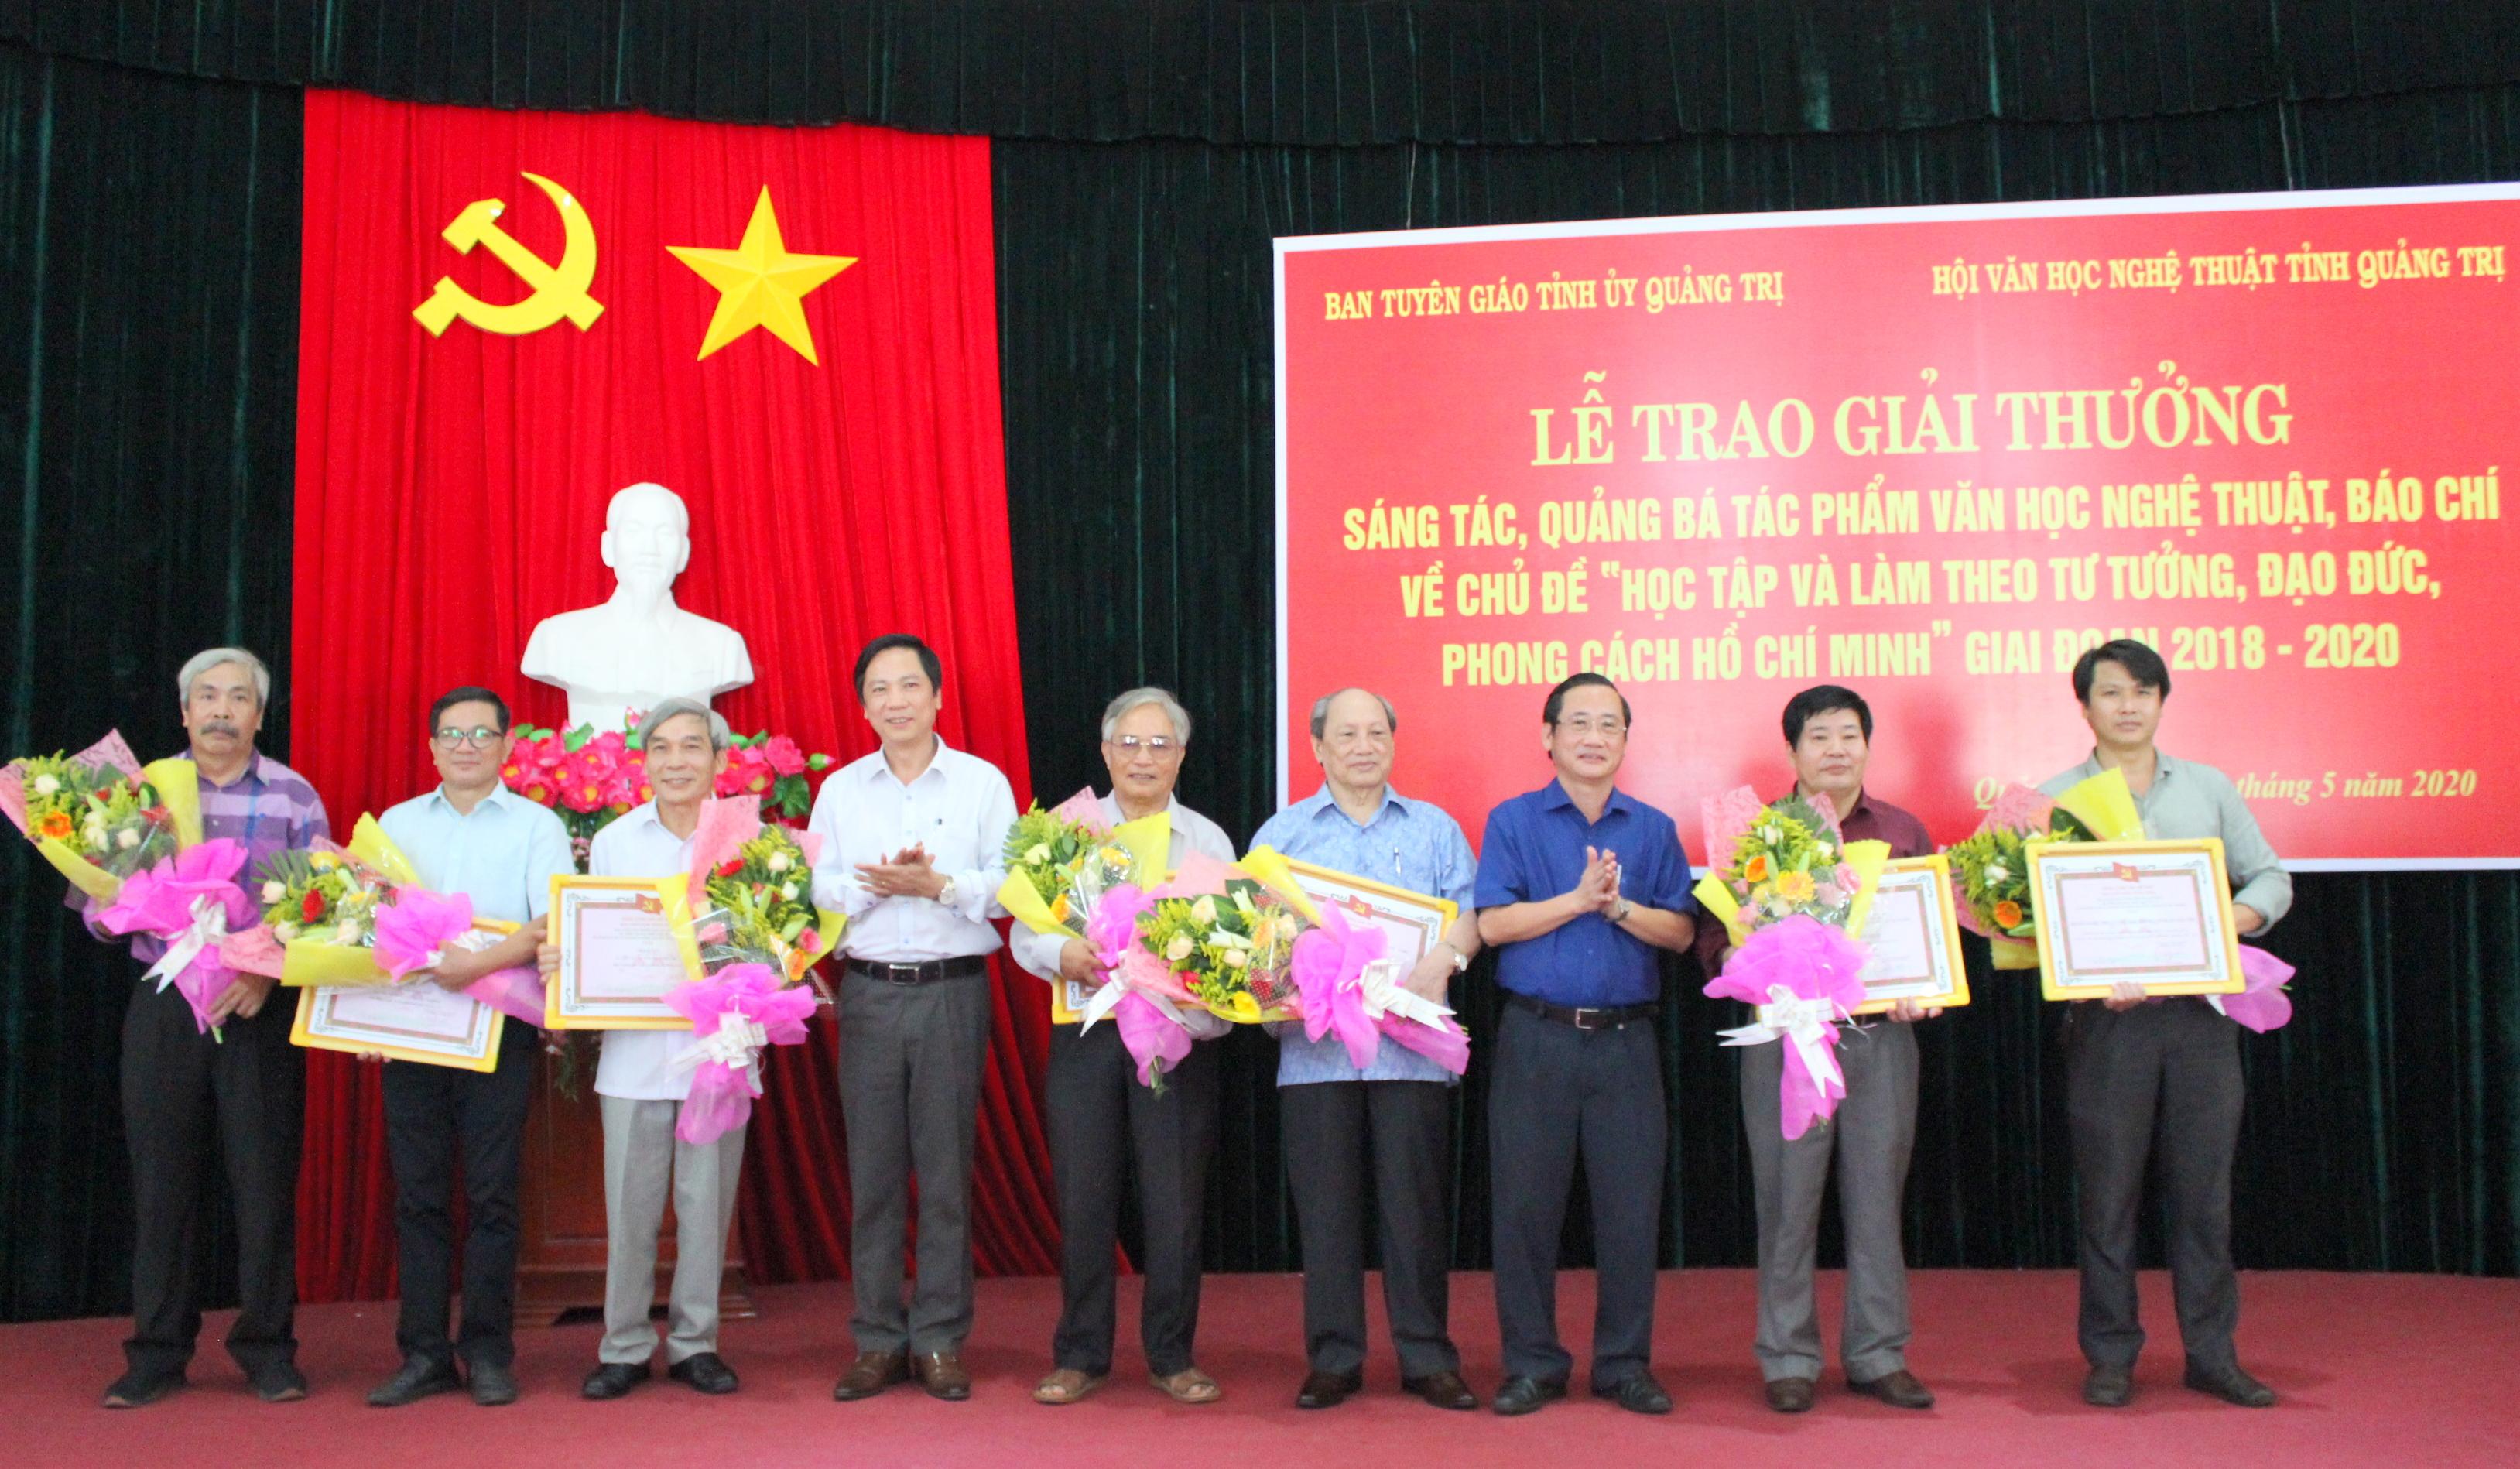 Quảng Trị Trao thưởng cuộc thi sáng tác, quảng bá VHNT, báo chí về Bác